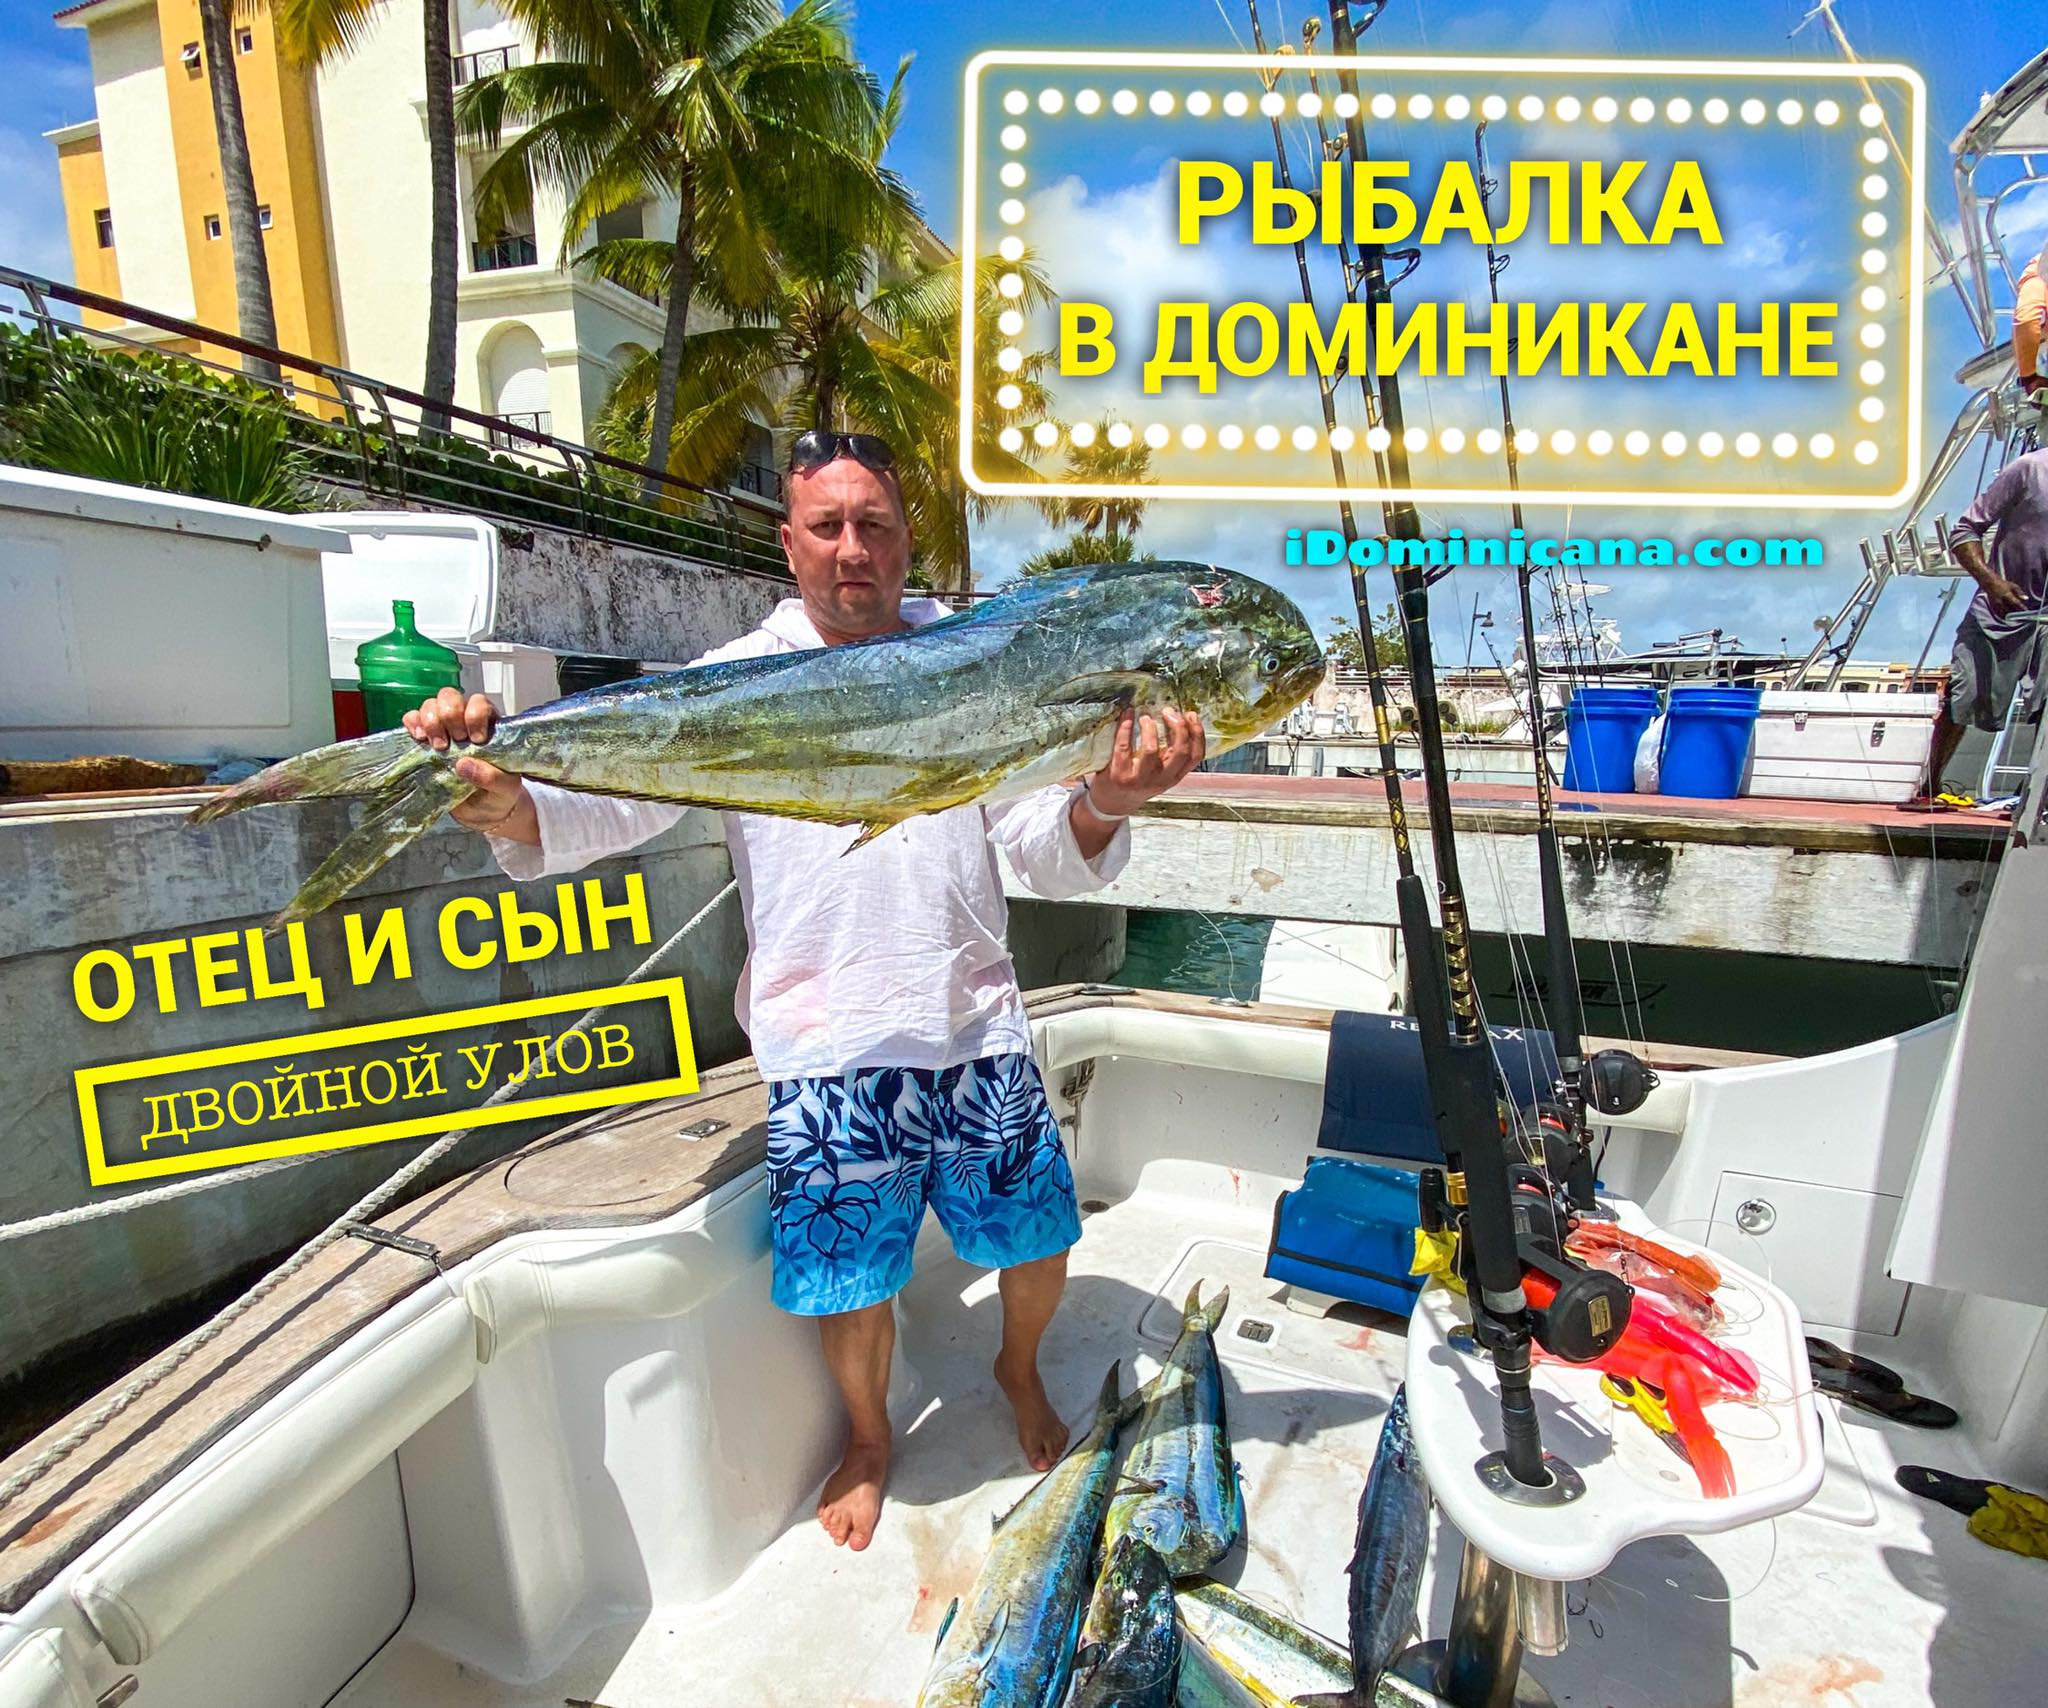 Рыбалка в Доминикане: золотая махи-махи, двойные поклевки и улов. Видео